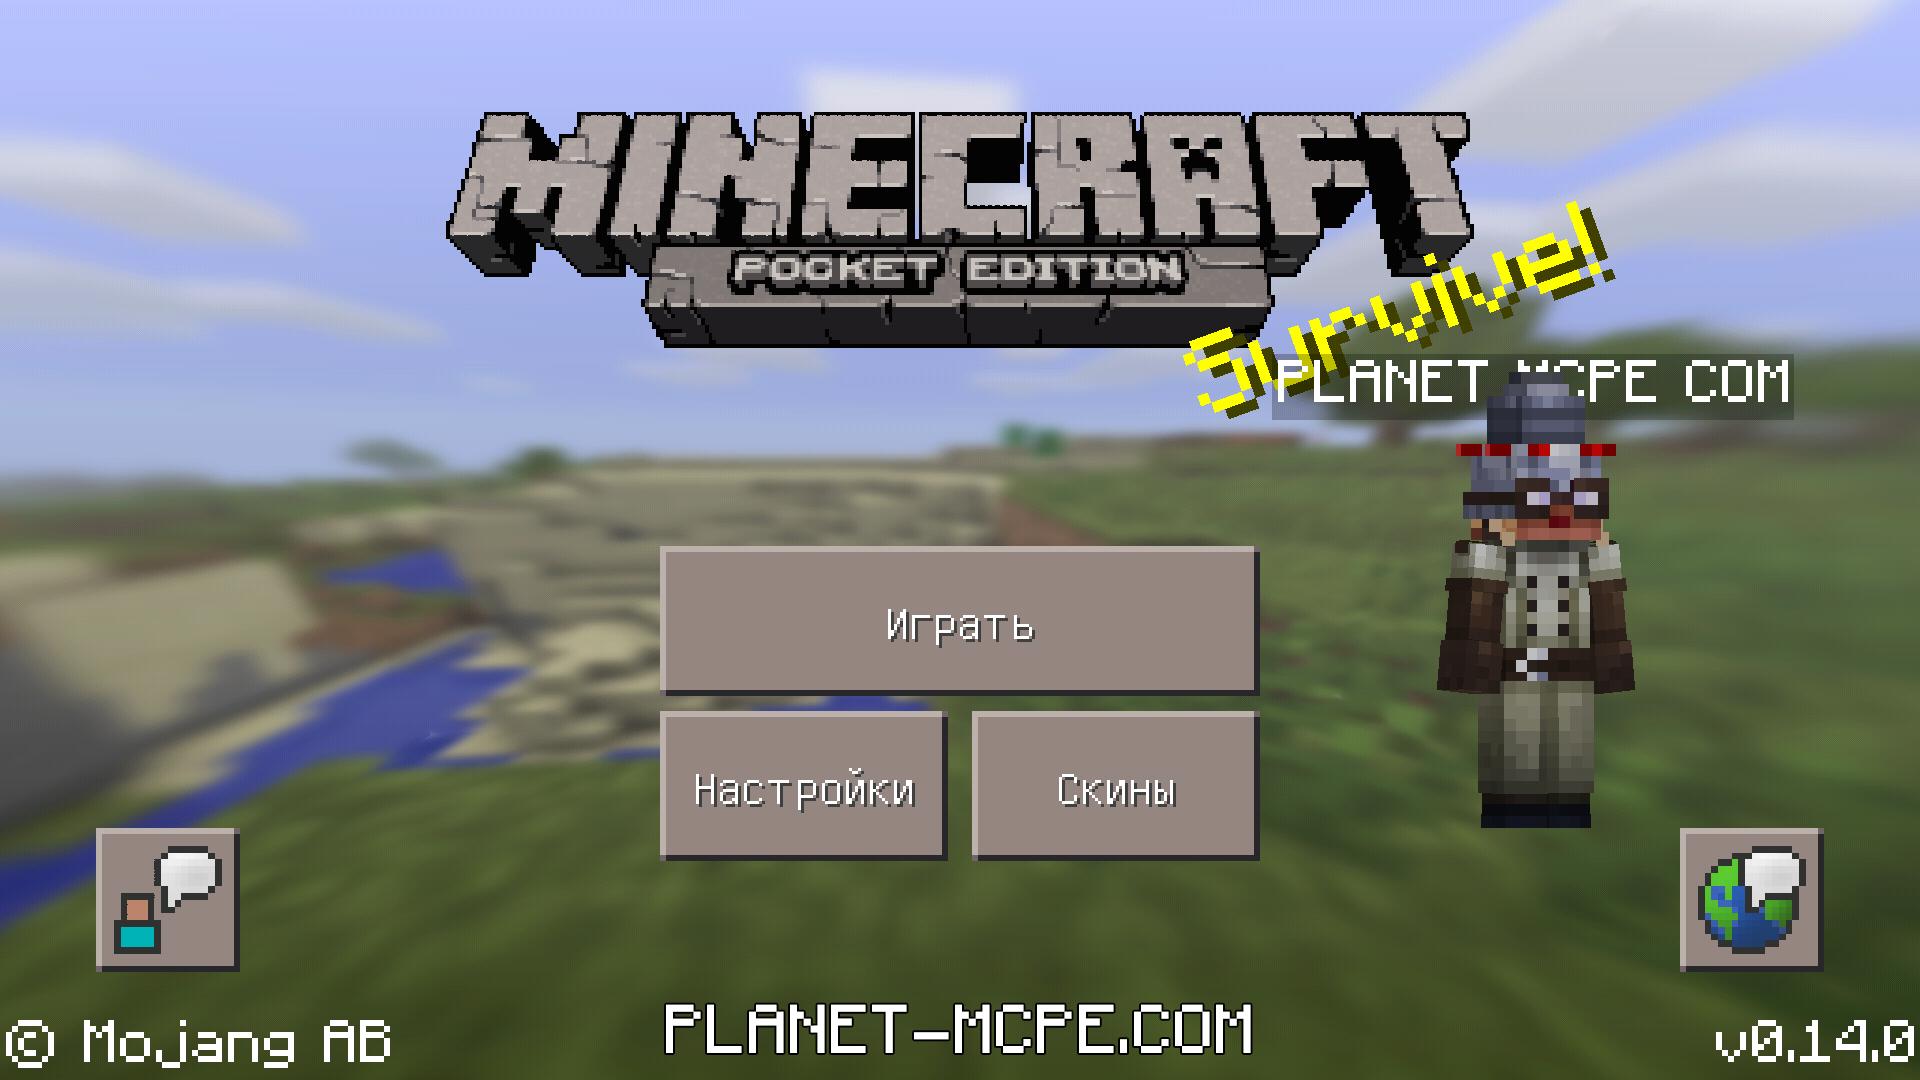 Скачать Minecraft - Pocket Edition 1.2.10.2 для Android